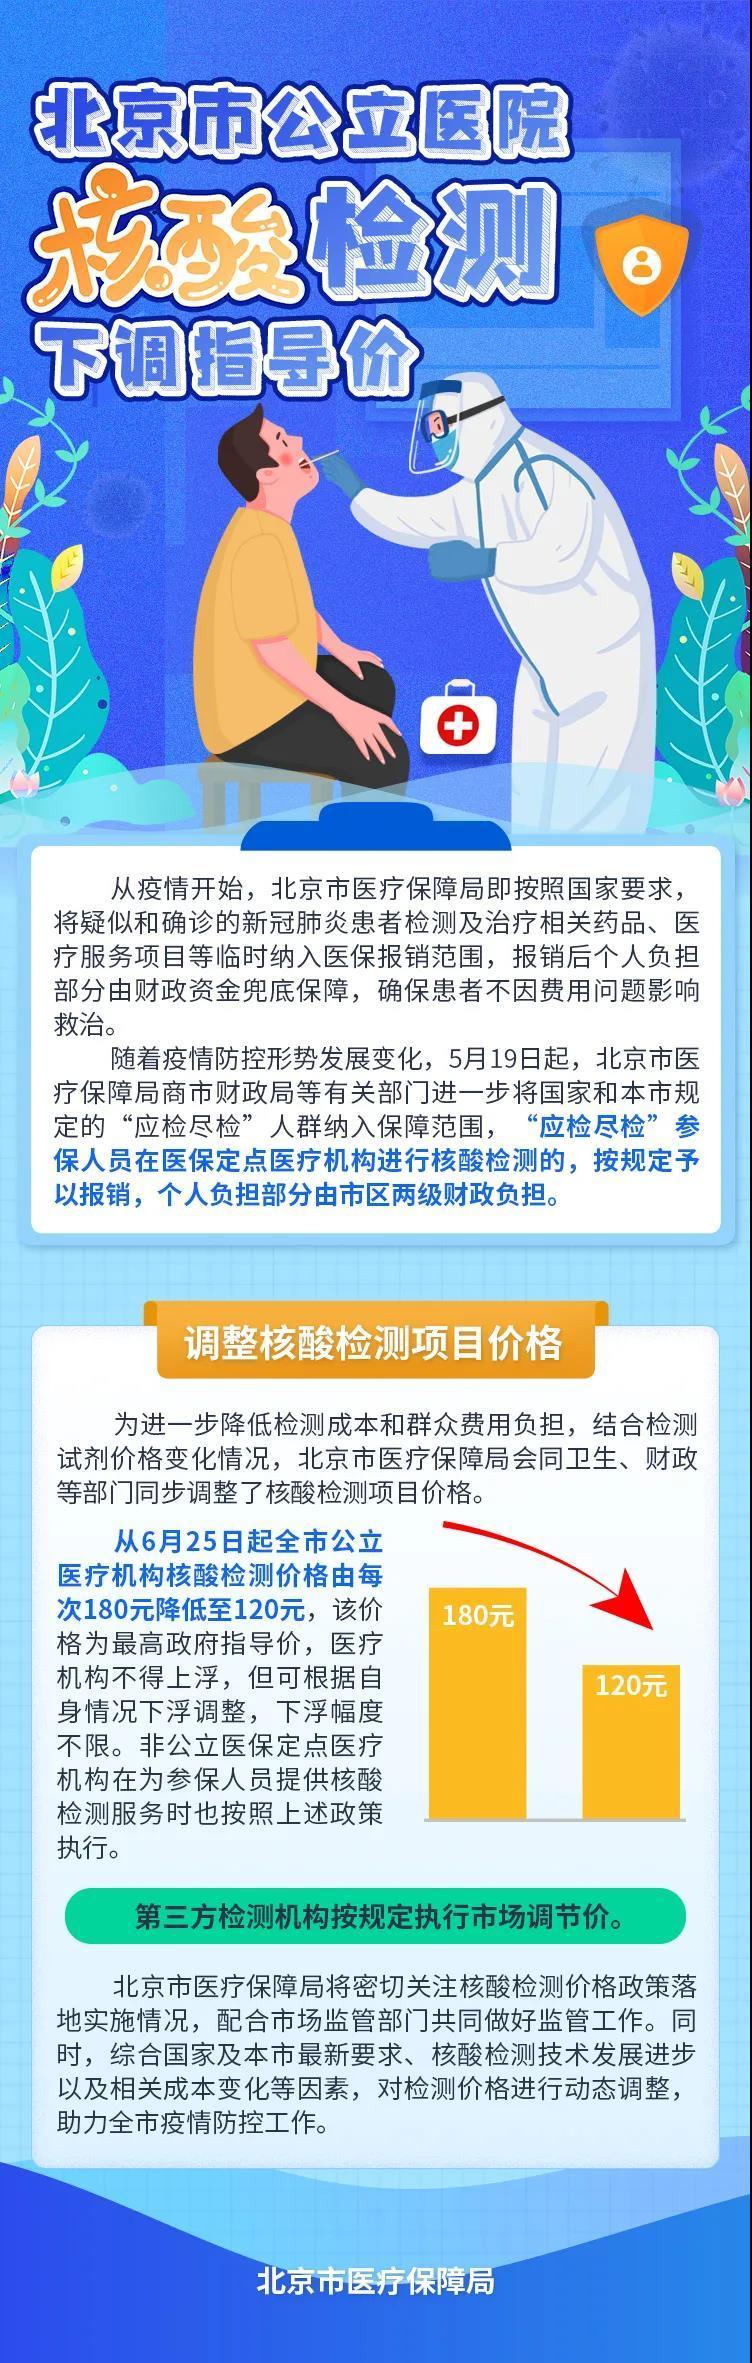 北京公立医院机构核酸检测价格由每次180元降低至120元